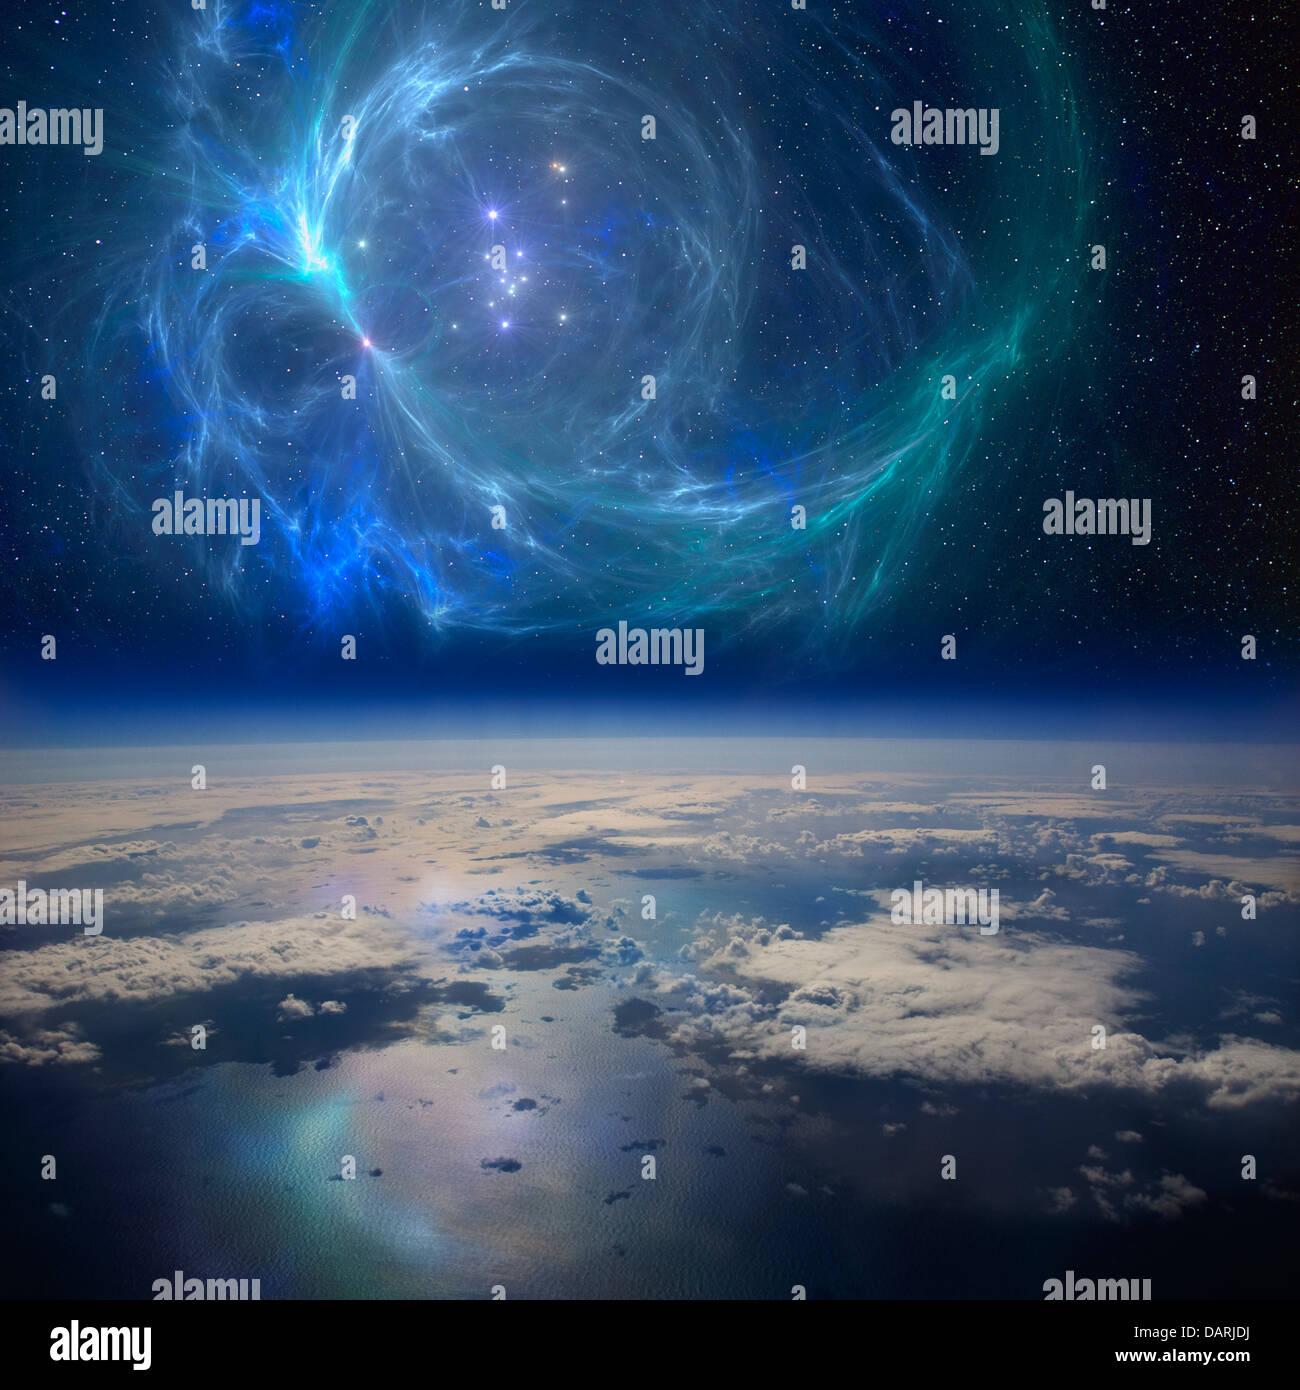 Die Erde in der Nähe von einem schönen Nebel im Raum. Ein konzeptioneller zusammengesetztes Bild. Stockbild